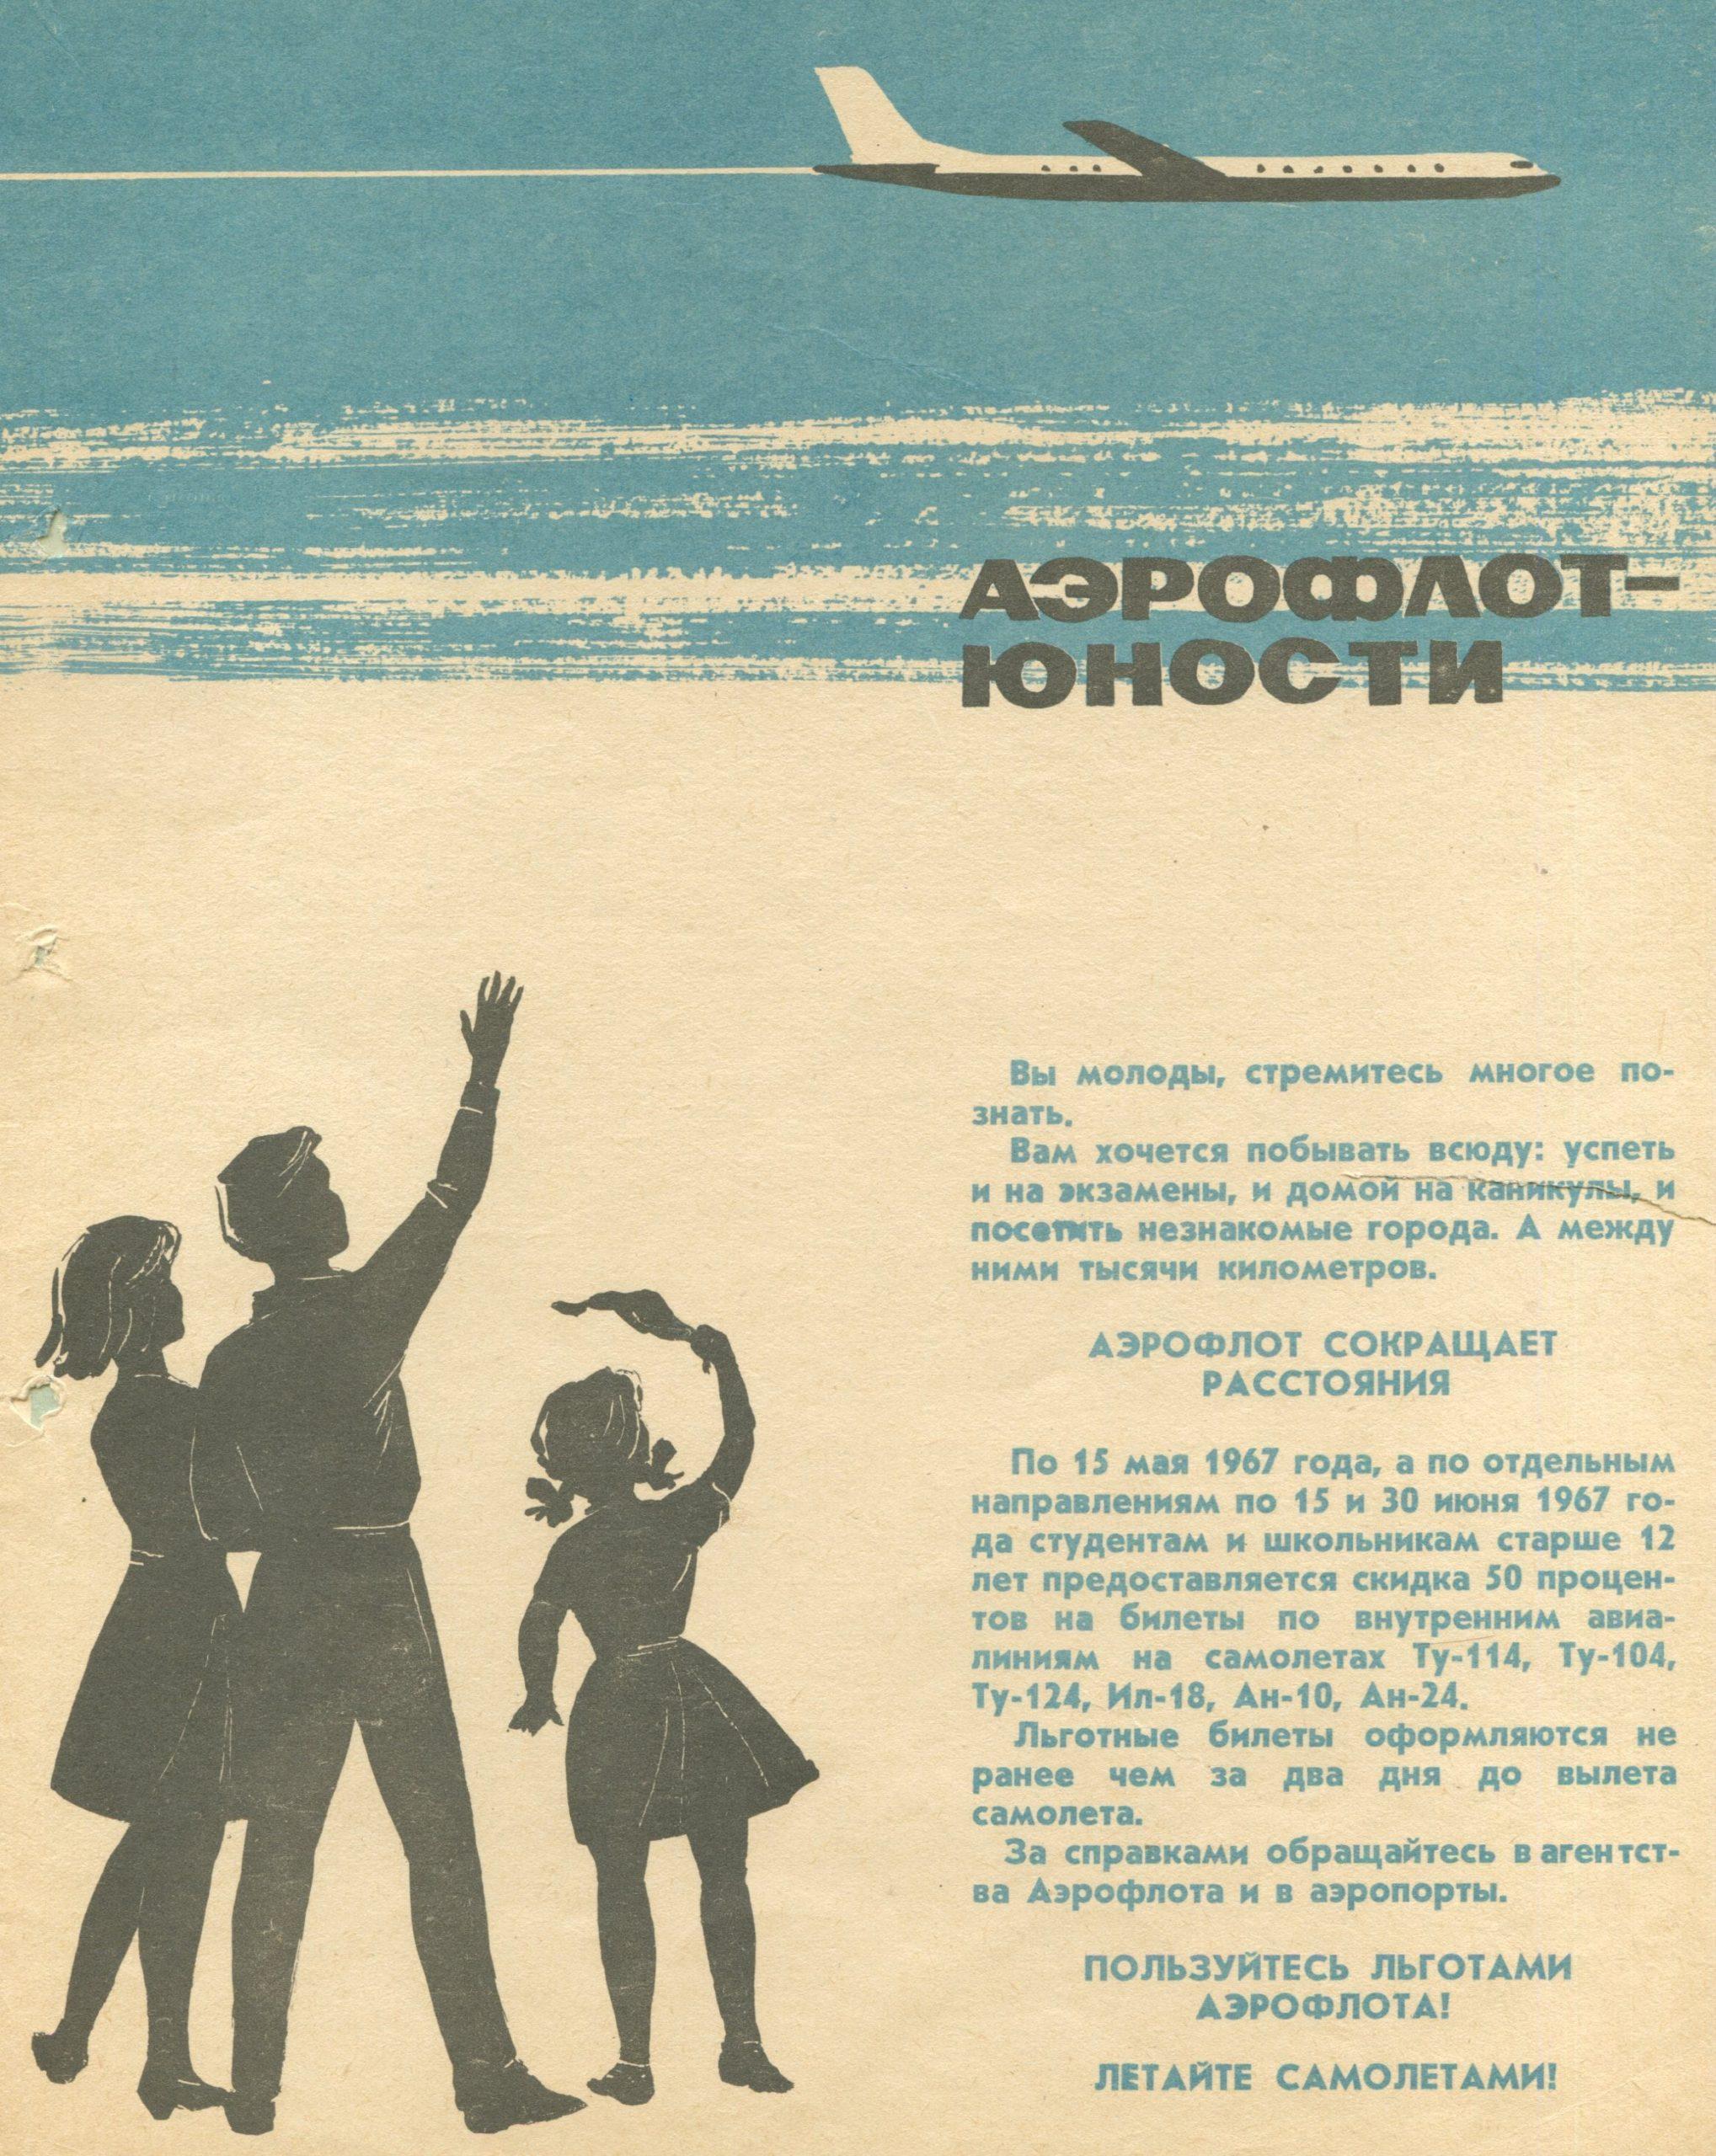 3-reklama-obrazcza-1967-goda-min